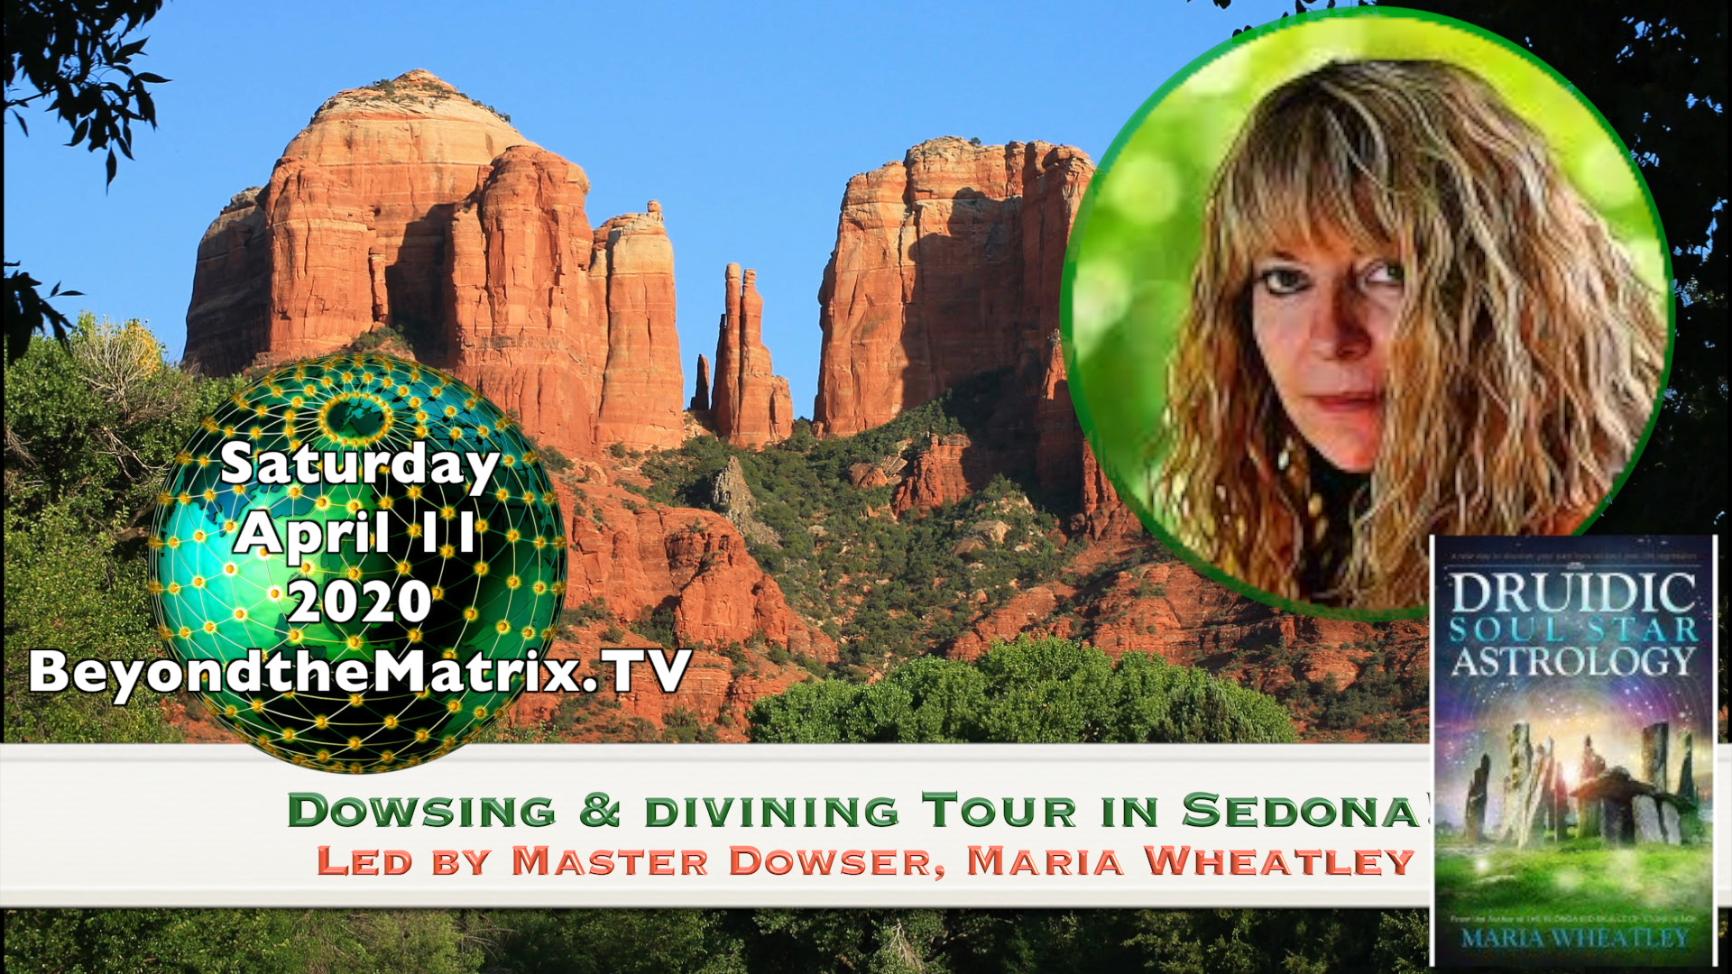 Maria Wheatley Tour